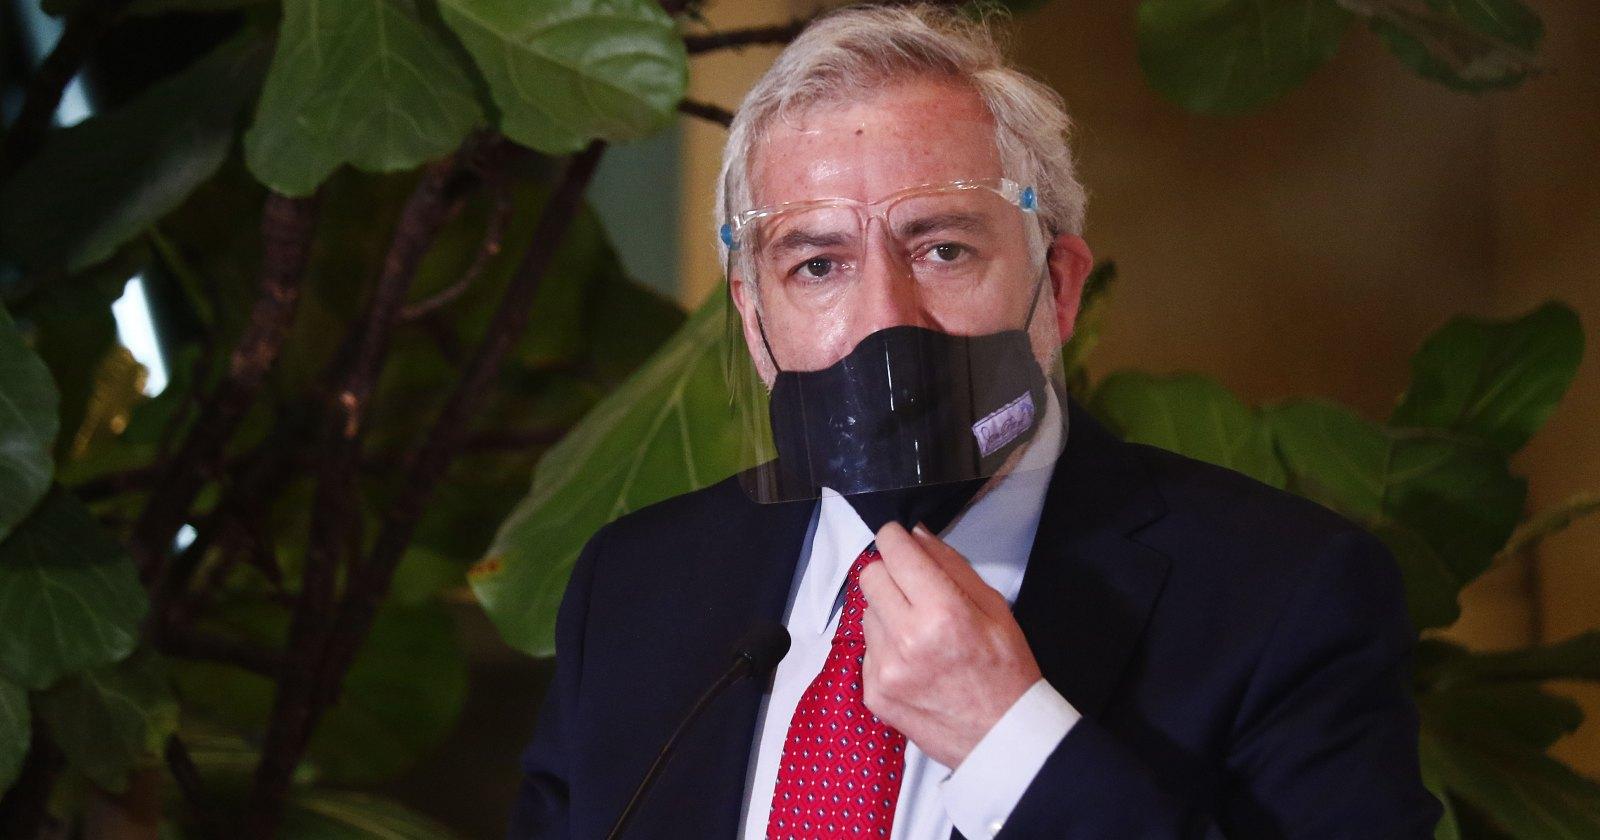 Senado: Comisión de Régimen Interno definirá si suspende a Raúl Guzmán